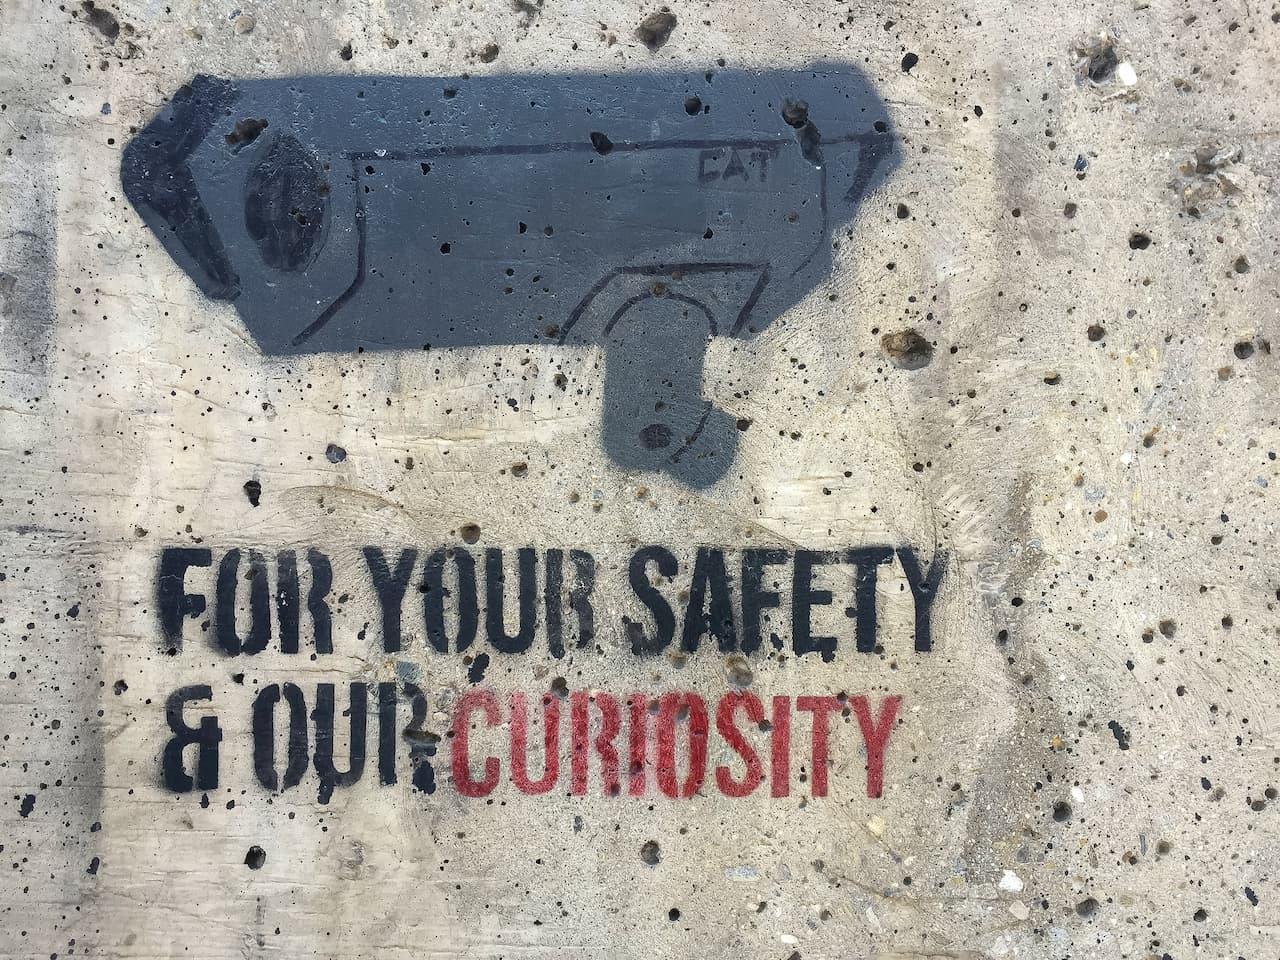 監視資本主義(サーベイランスキャピタリズム)とは?